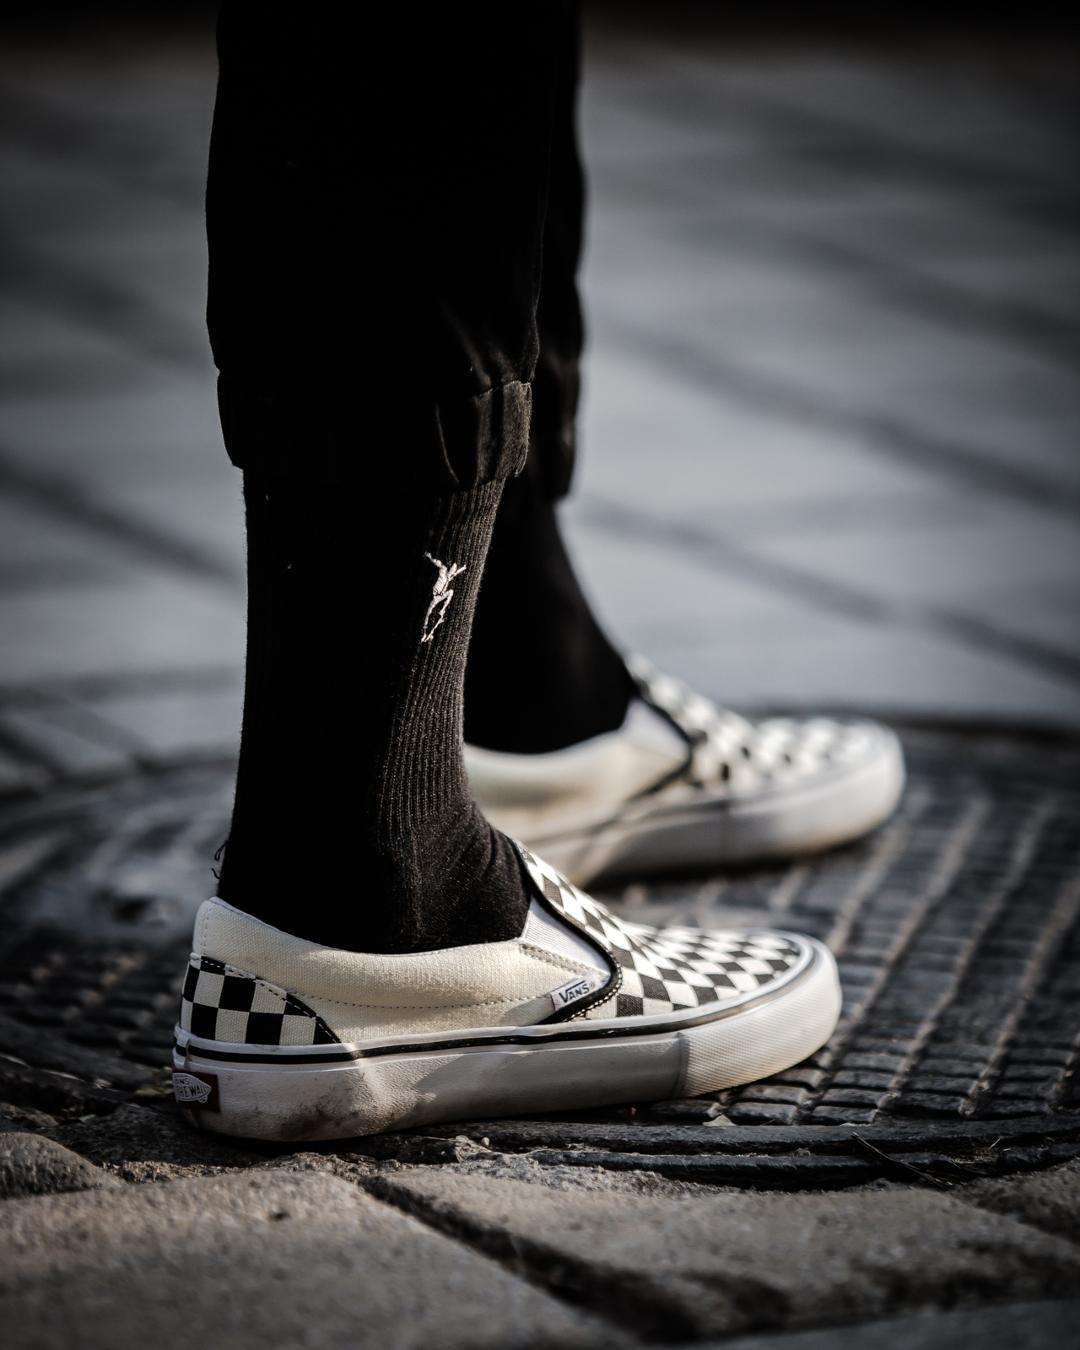 SkateYou Socks 🧦